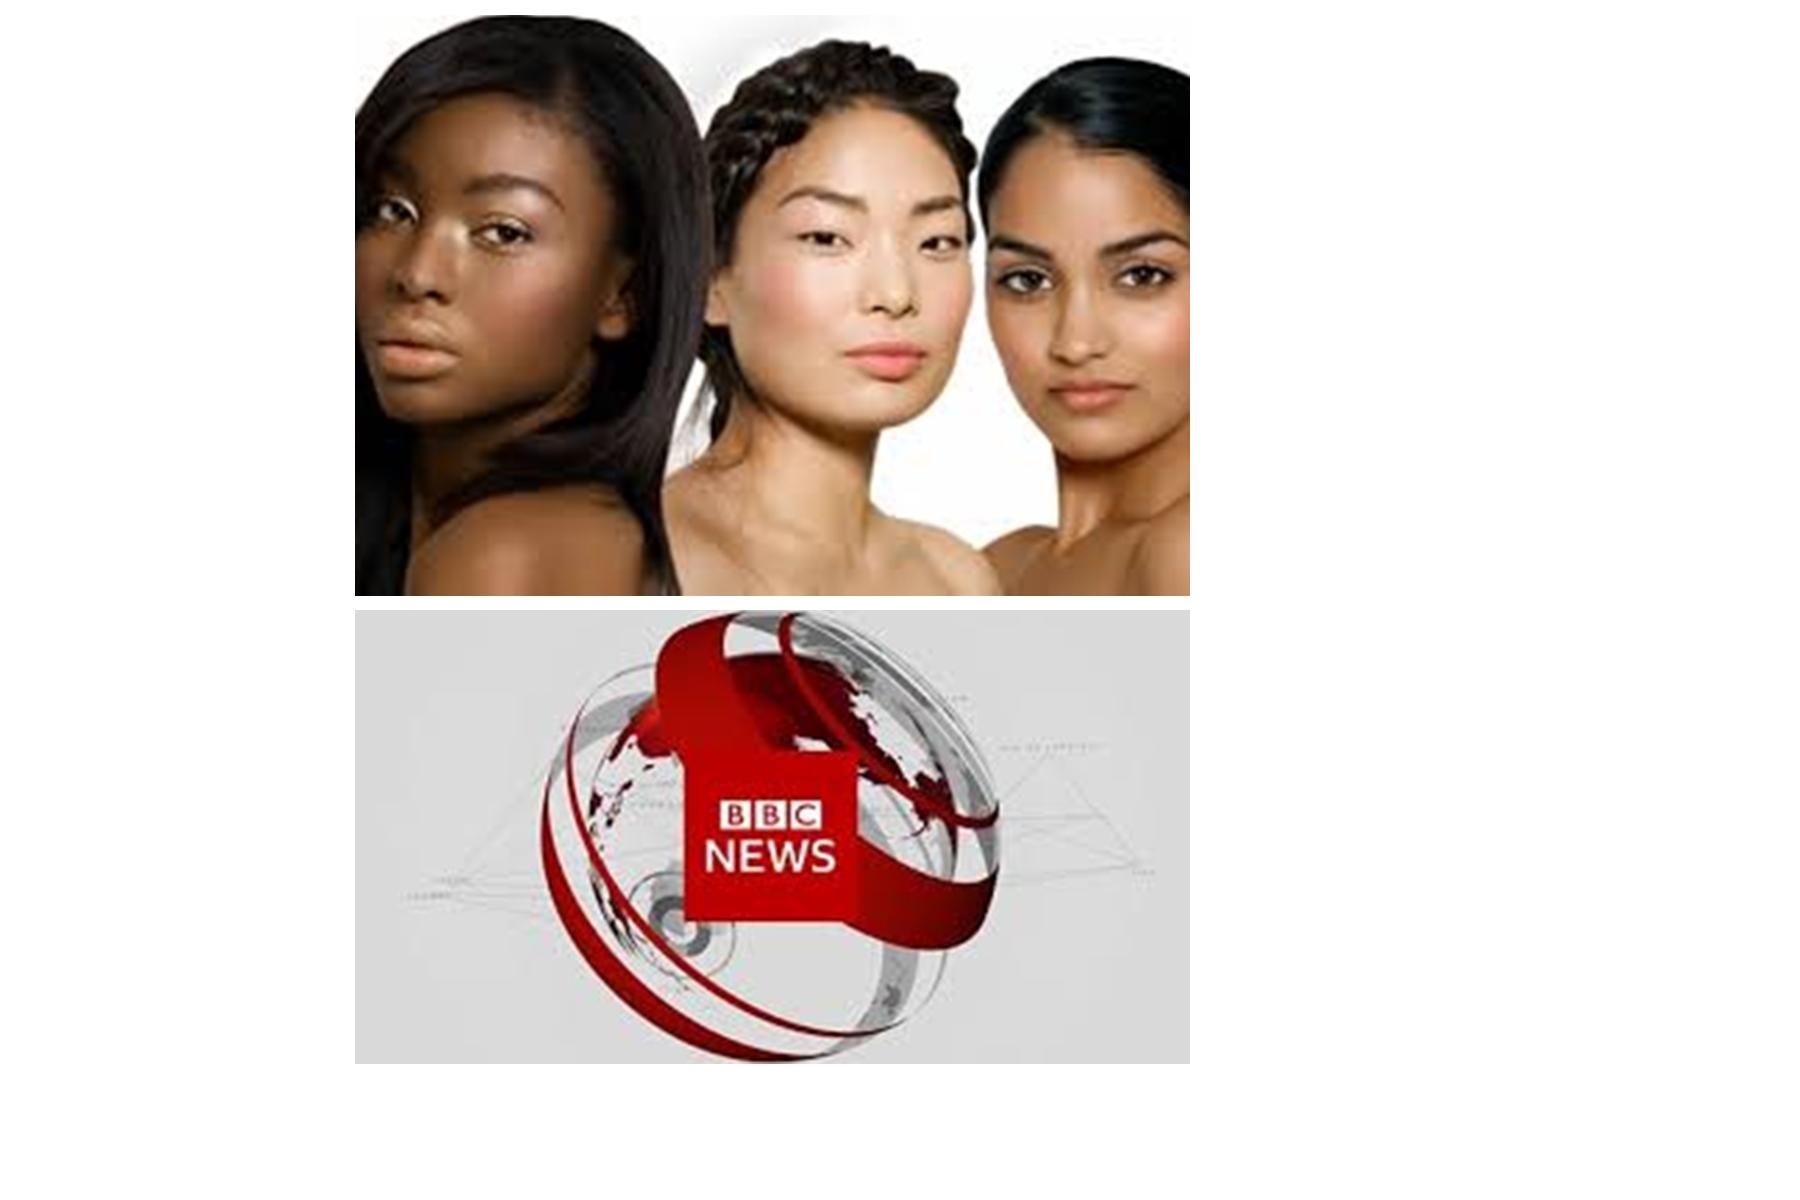 BBC List of 100 Most Influential Women Lacks Political Diversity